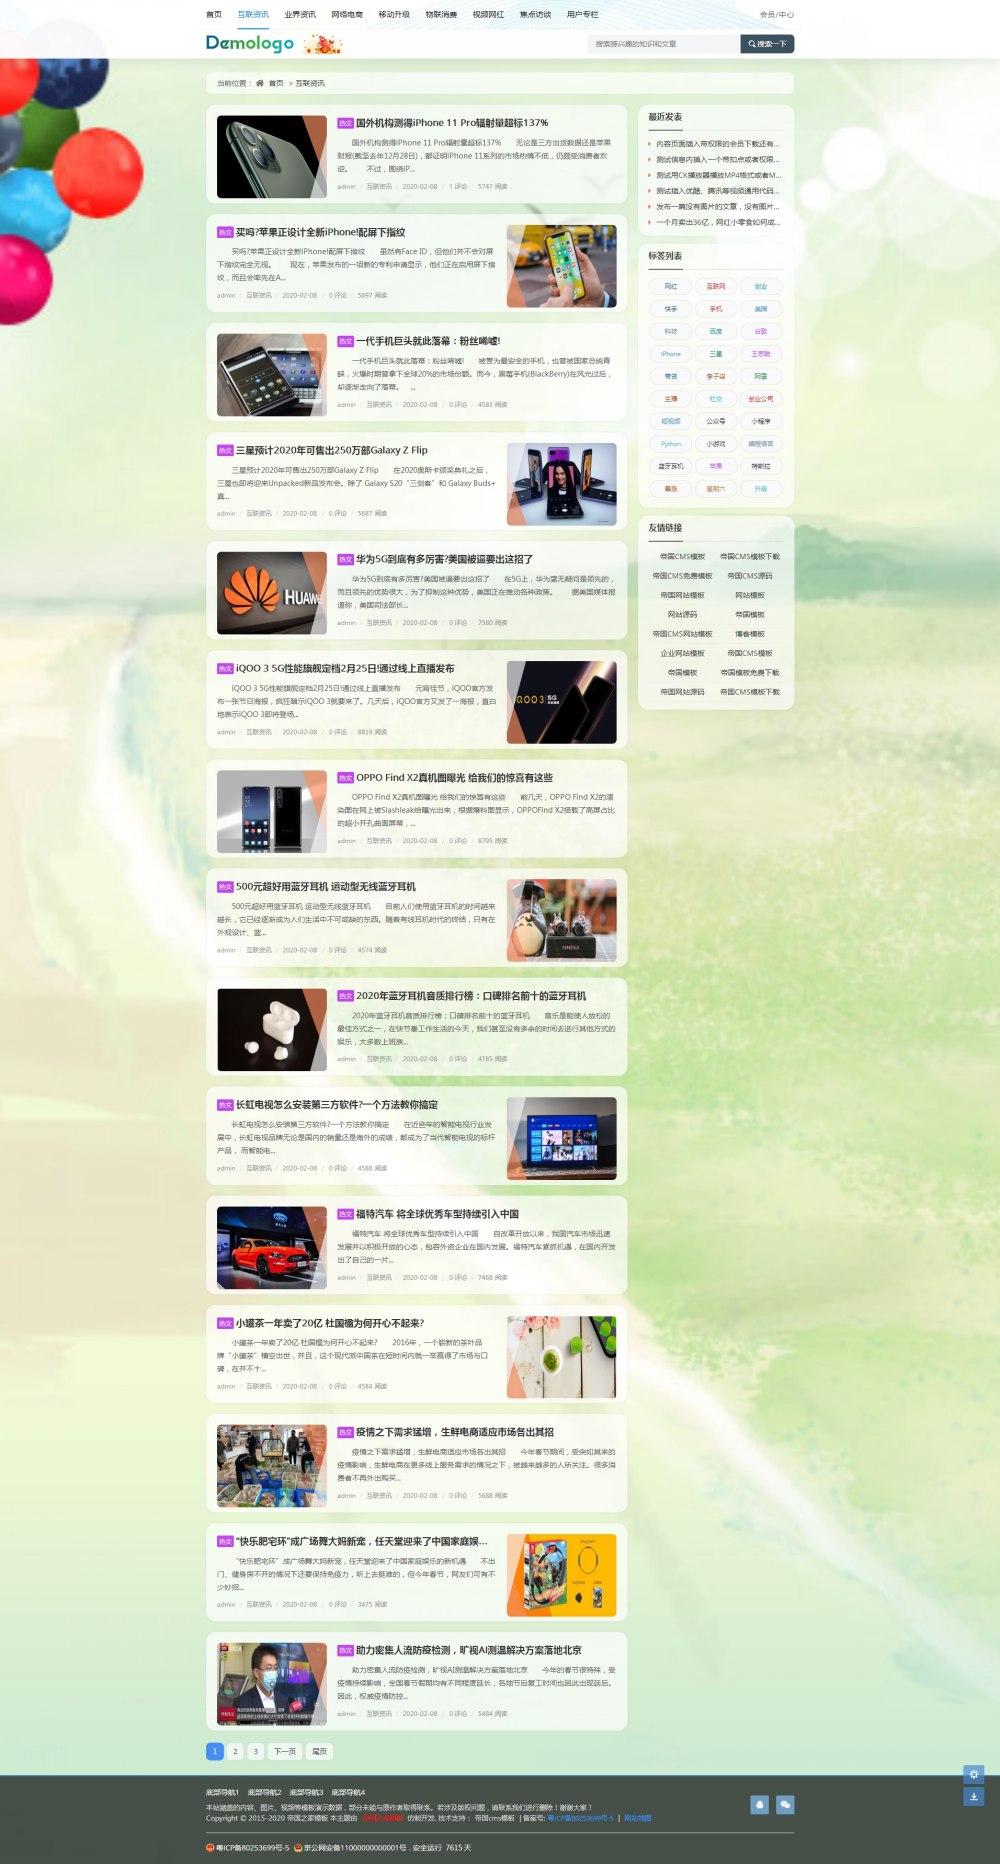 2新闻栏目页.jpg [DG-0168]帝国CMS响应式博客资讯模板 自适应图片视频会员下载模板 博客文章 第2张